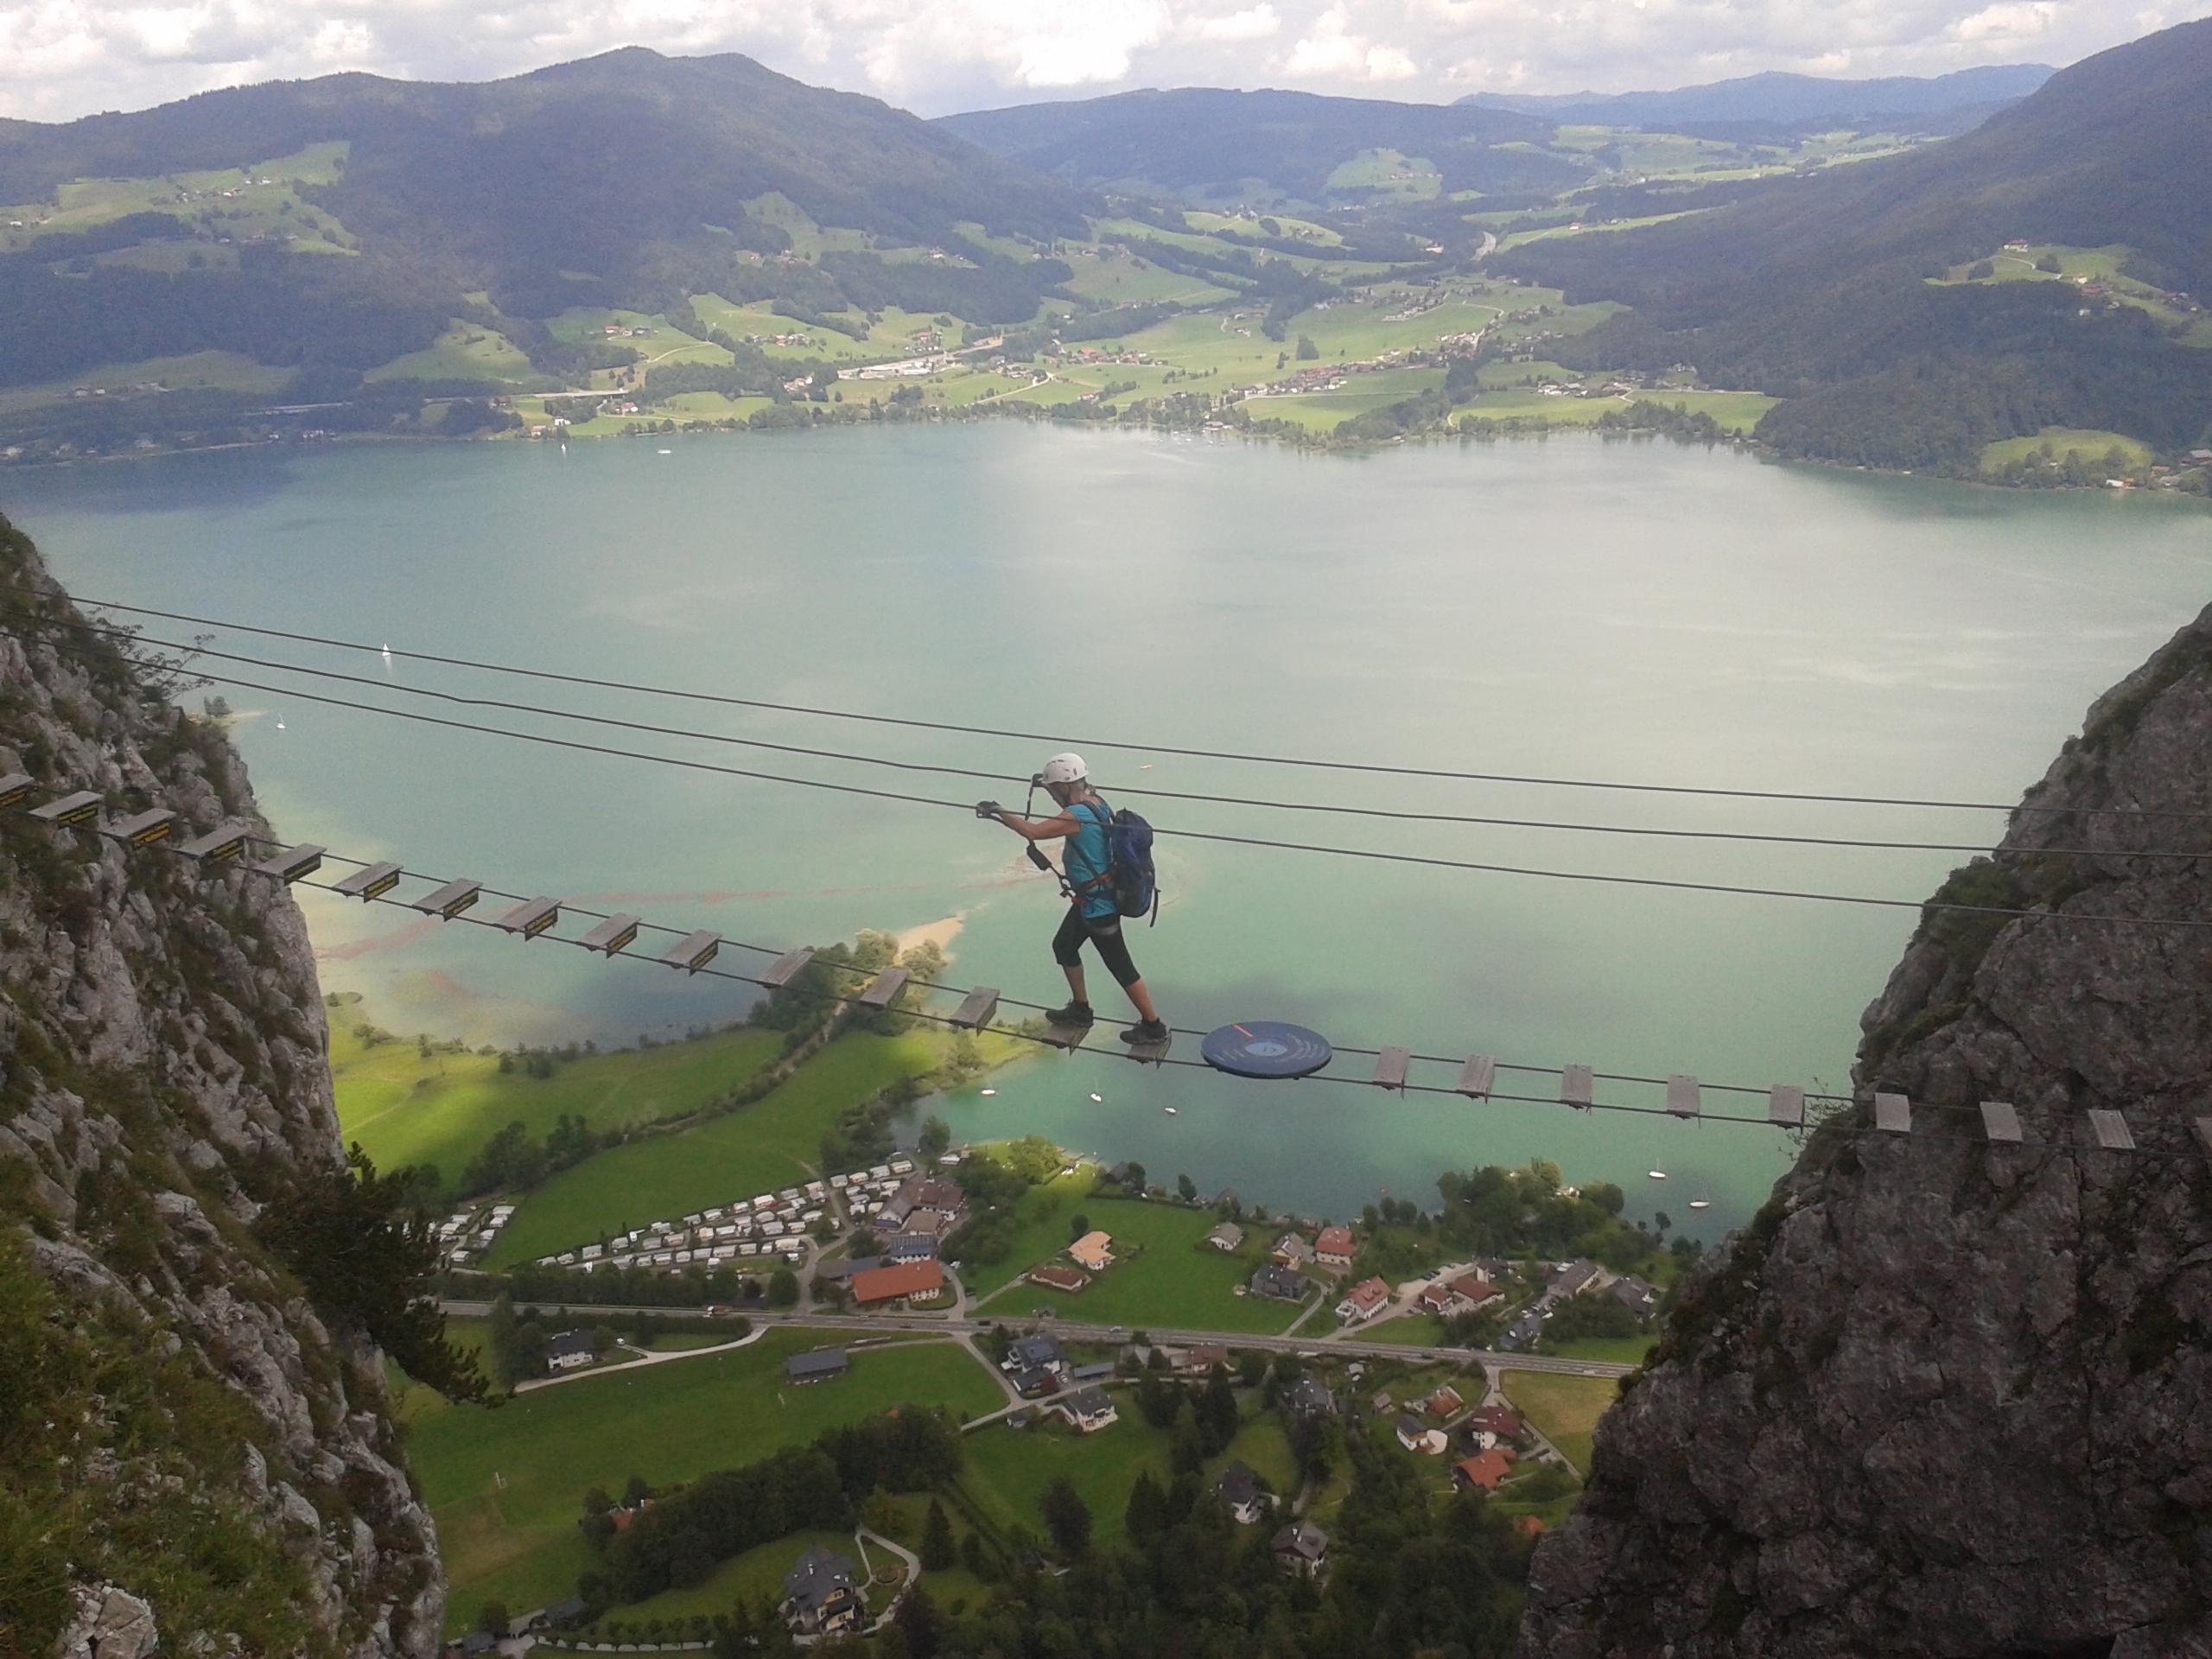 Klettersteig Drachenwand Topo : Drachenwand klettersteig dachstein lisa unterwegs